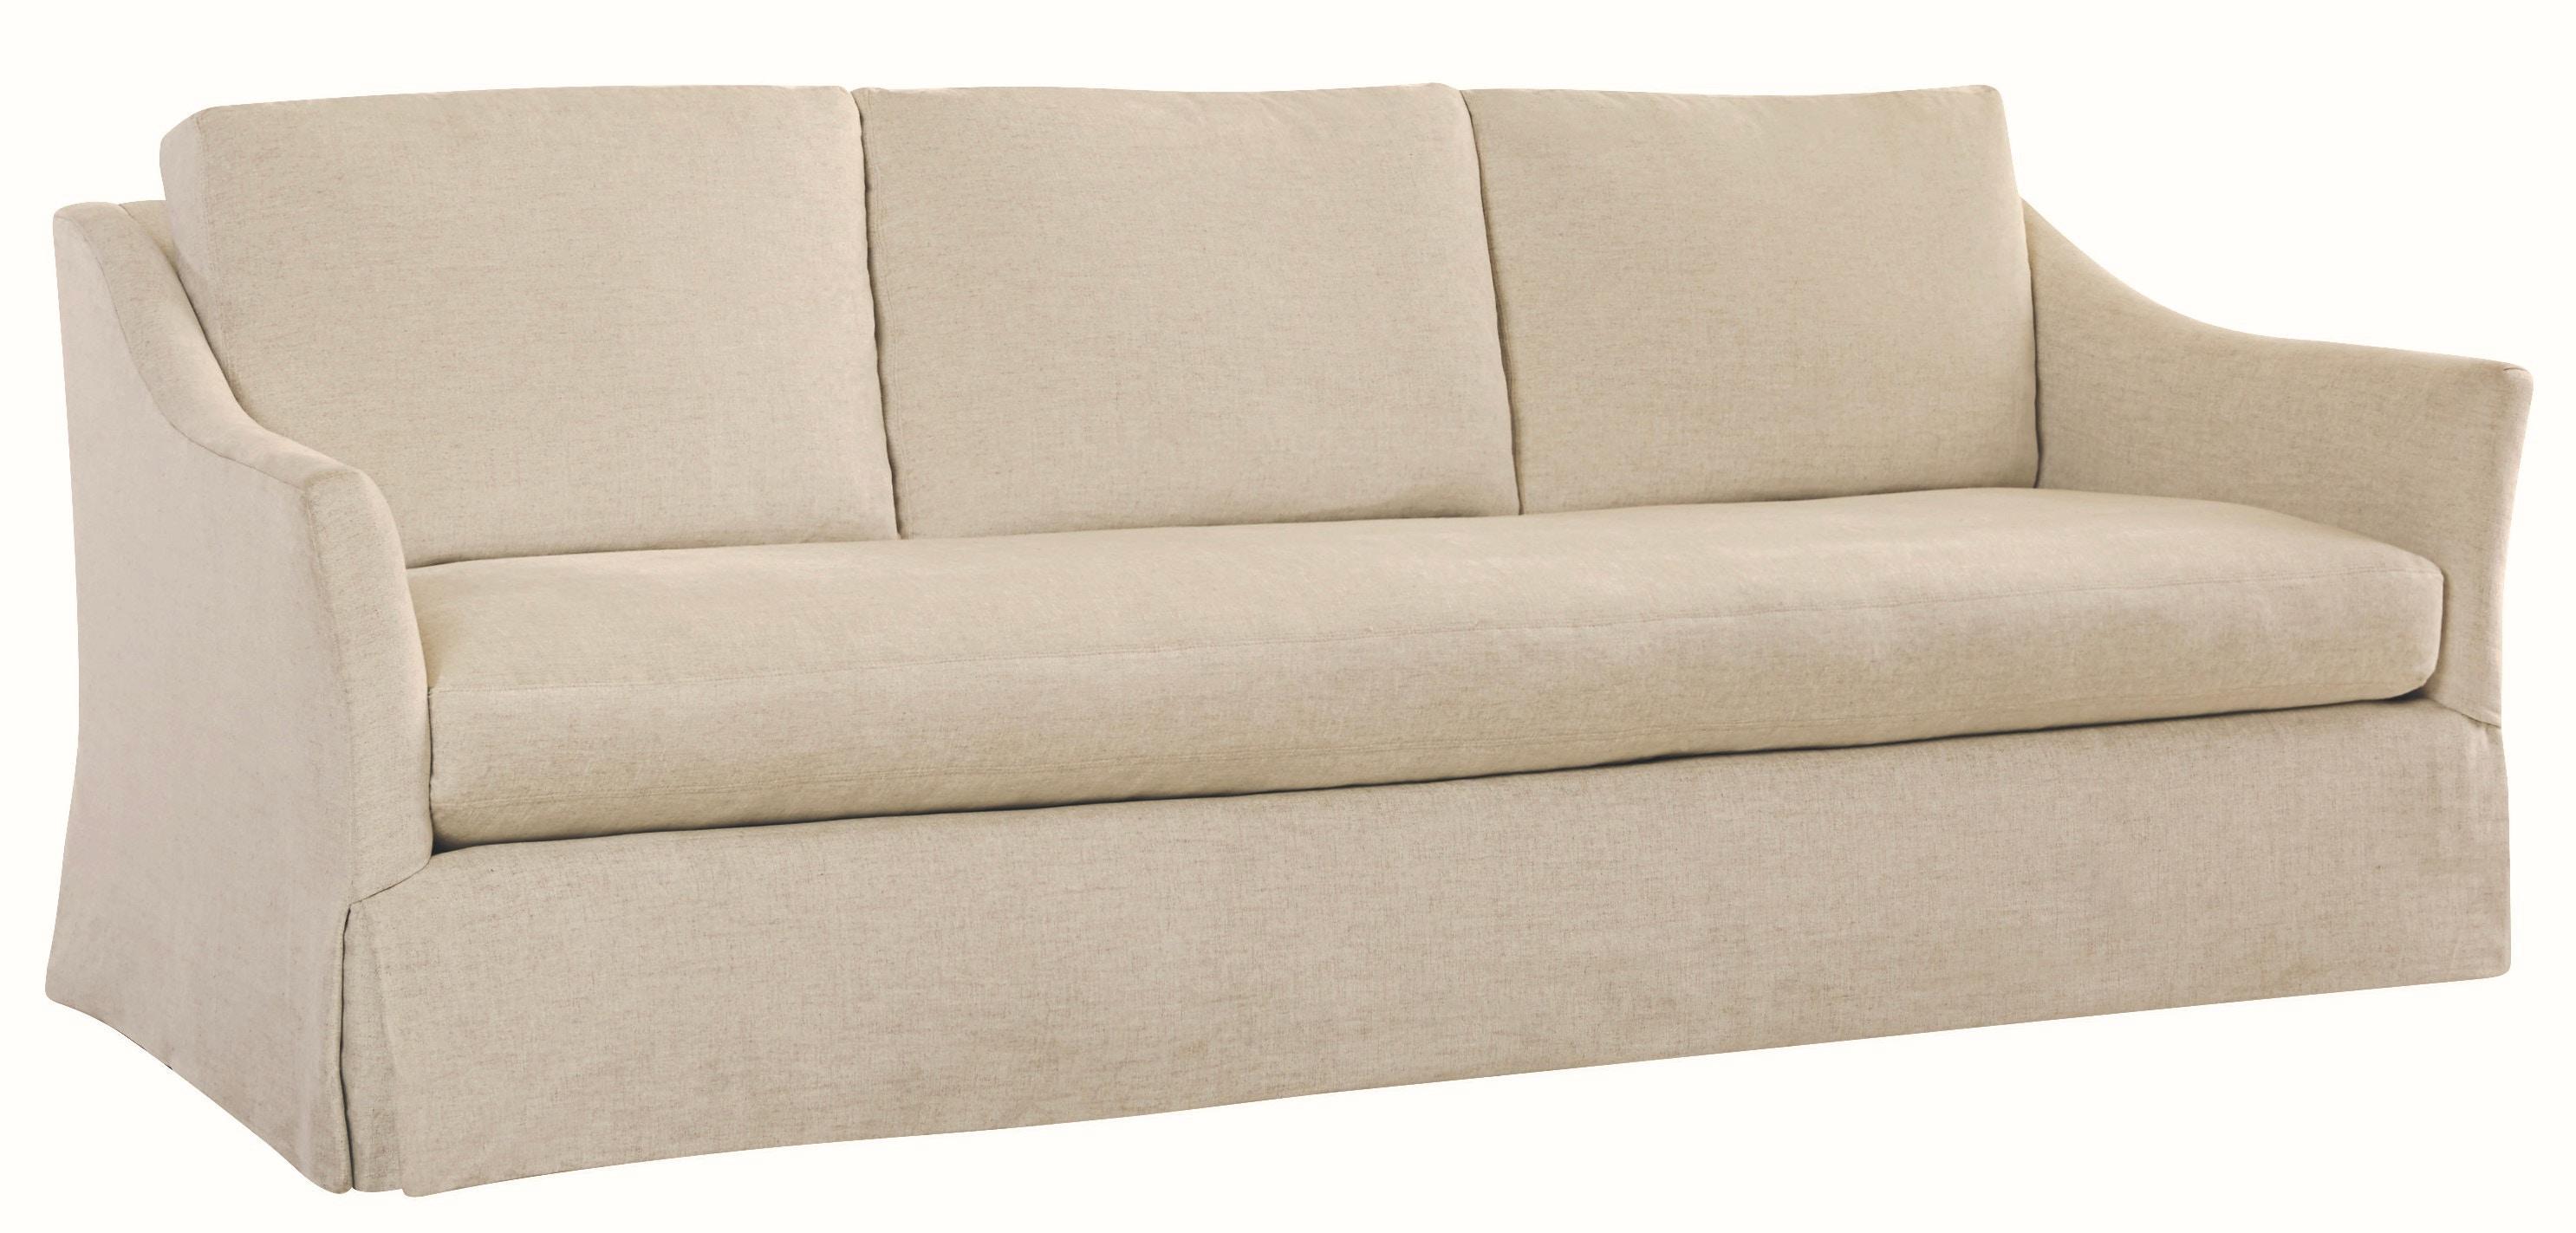 lee industries living room sofa 3511-03 - kathy adams furniture